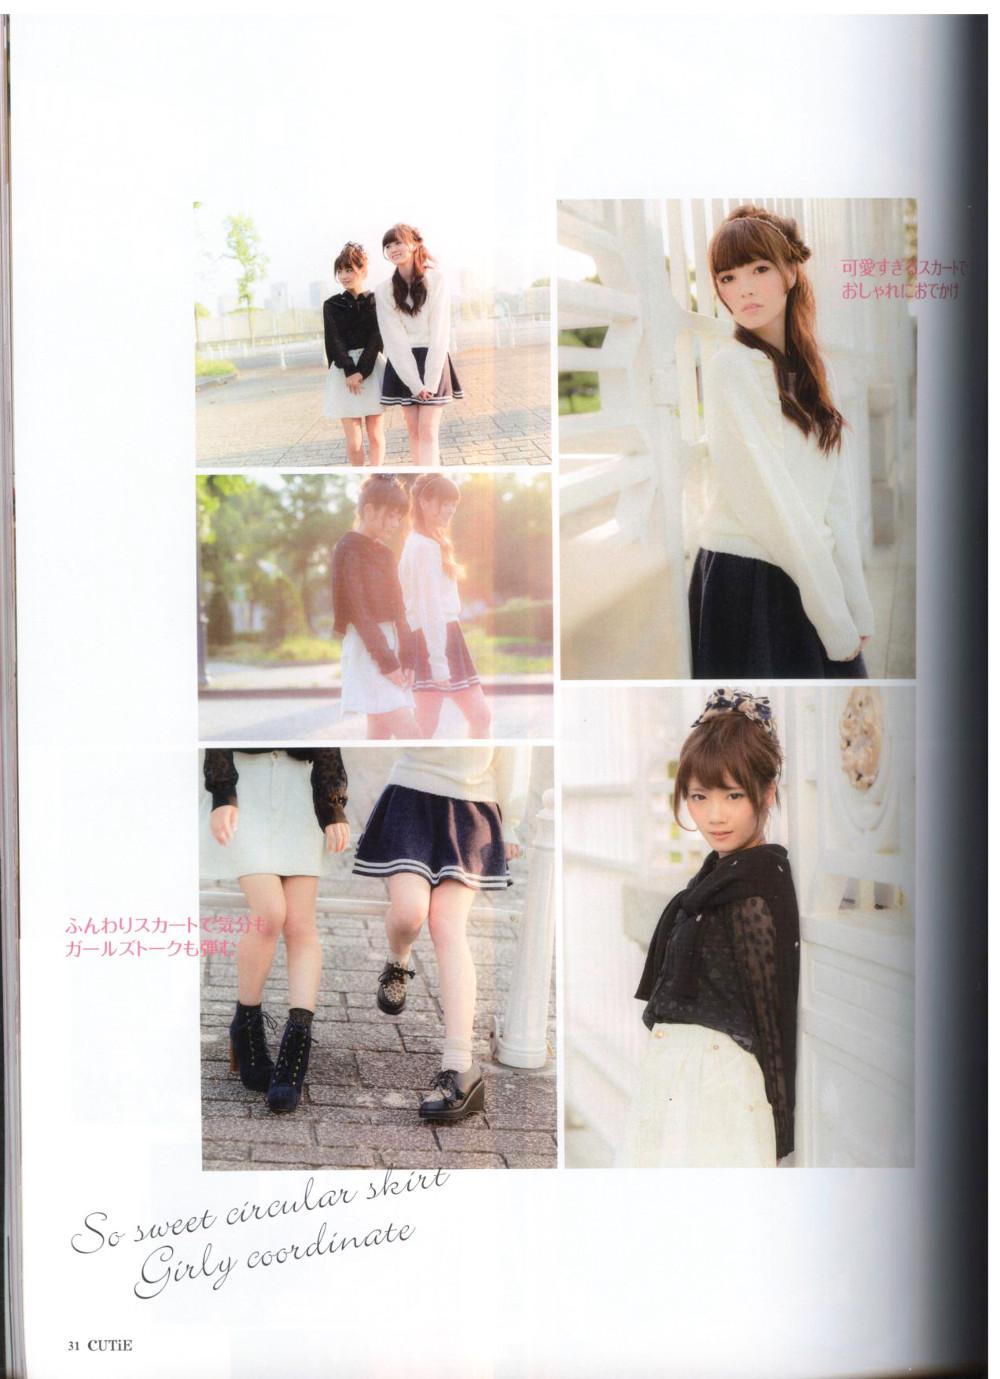 CUTiE 2013年11月 白石麻衣 畠中清羅01